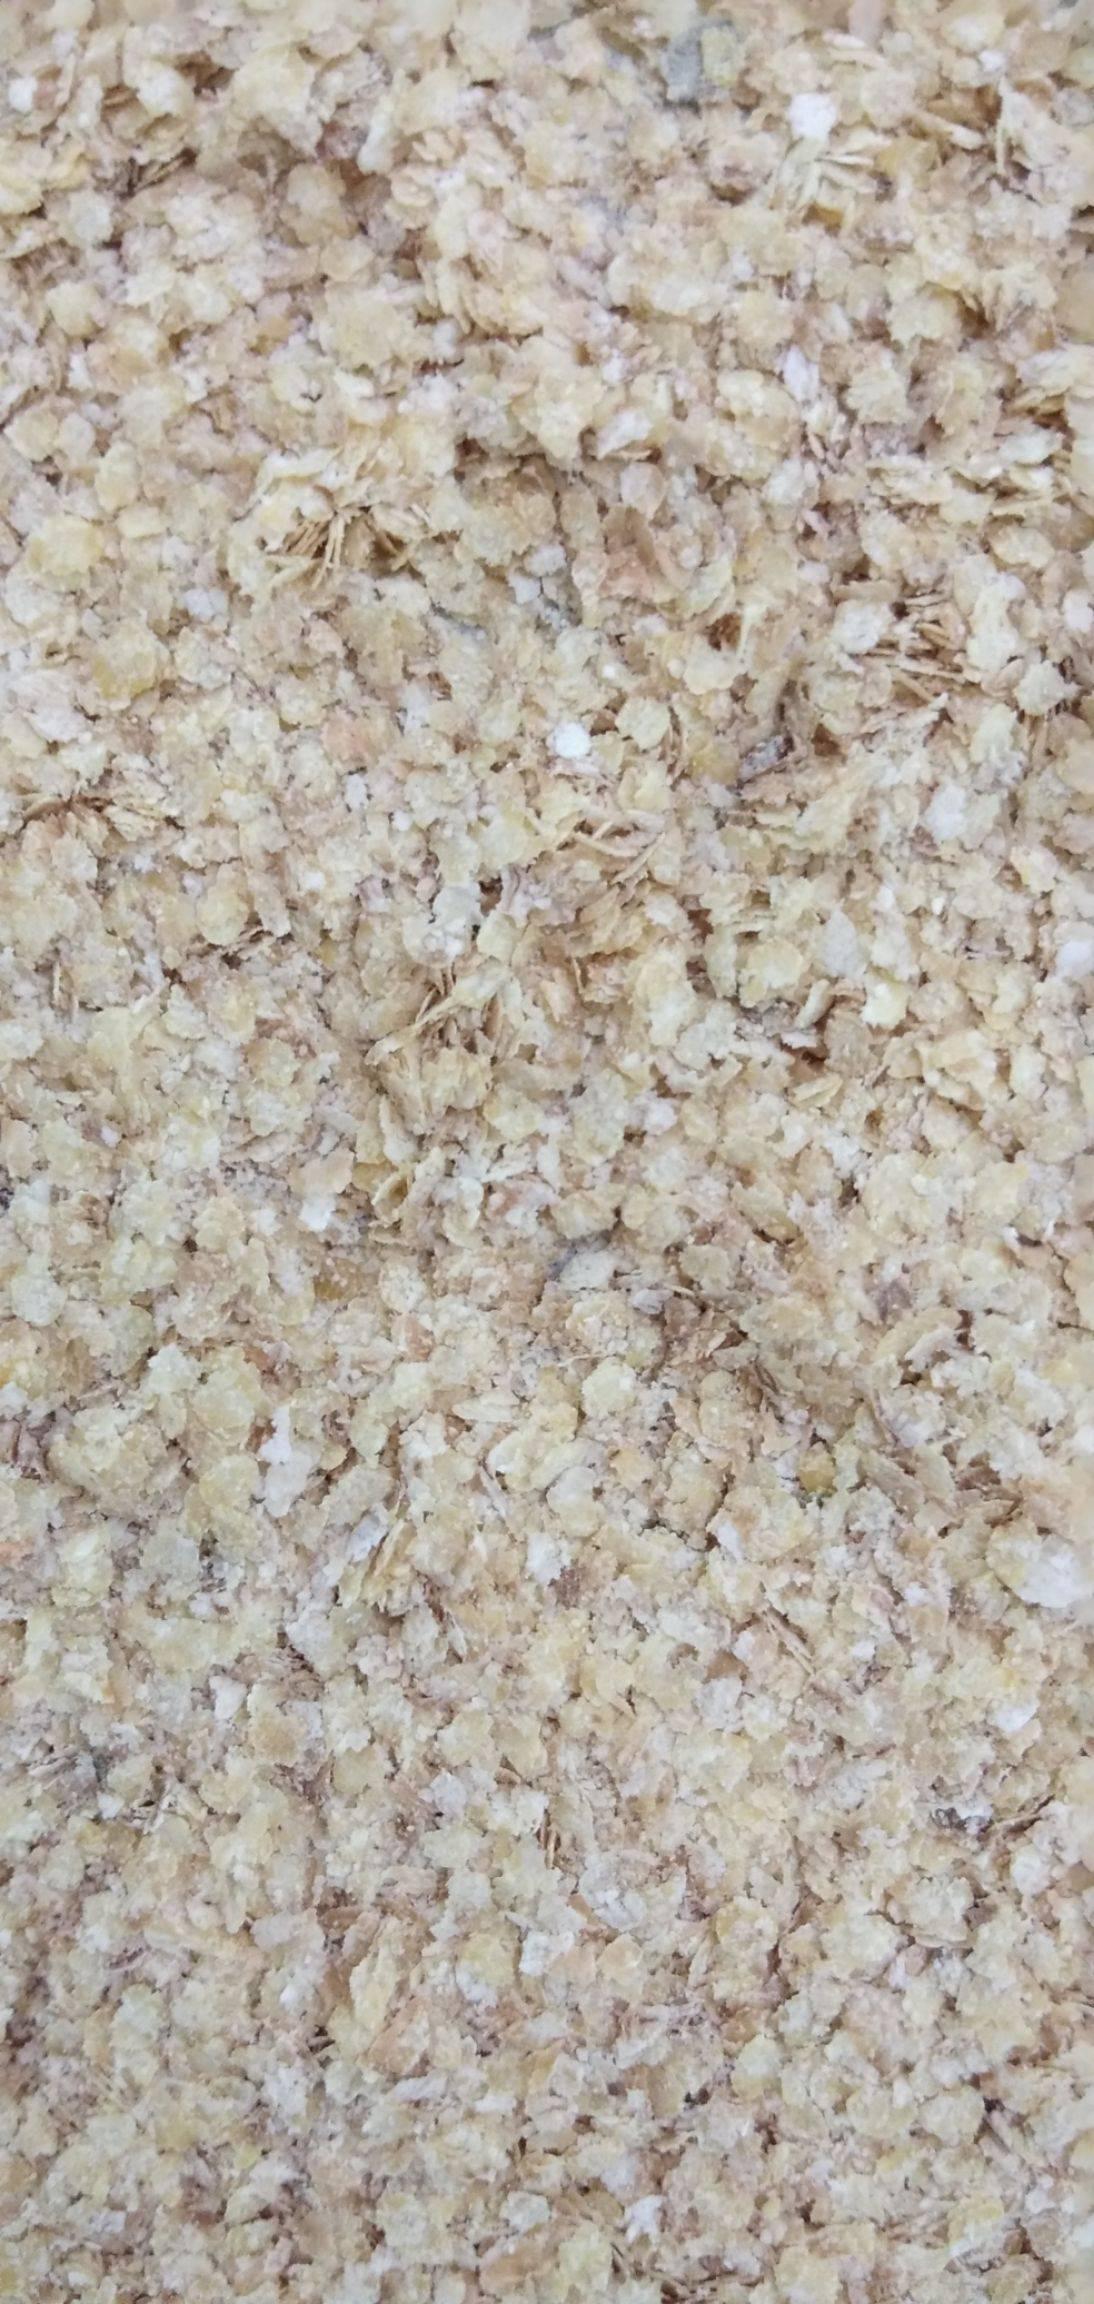 [营养添加剂]营养添加剂胚芽乙酰片,纯天然N-小麦-蛋氨酸图片